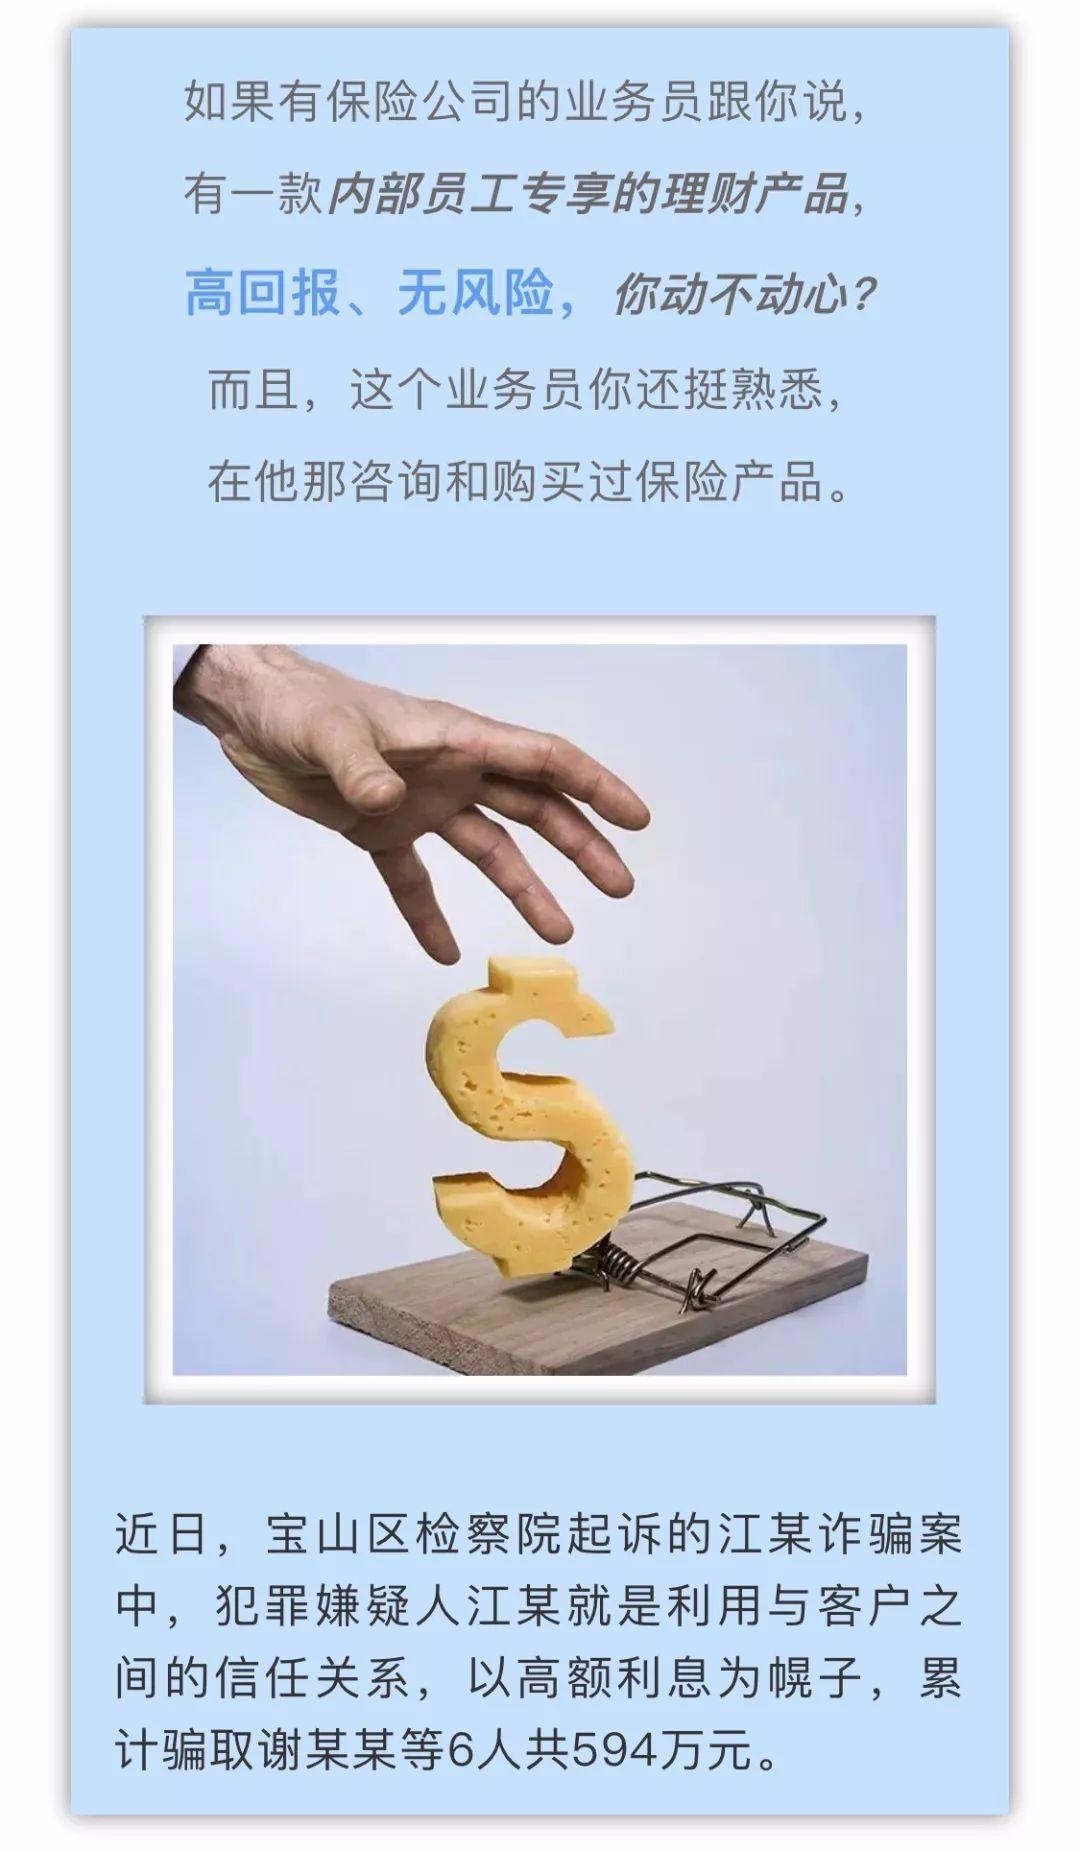 說案|虛構理財產品騙錢 走投無路投案自首